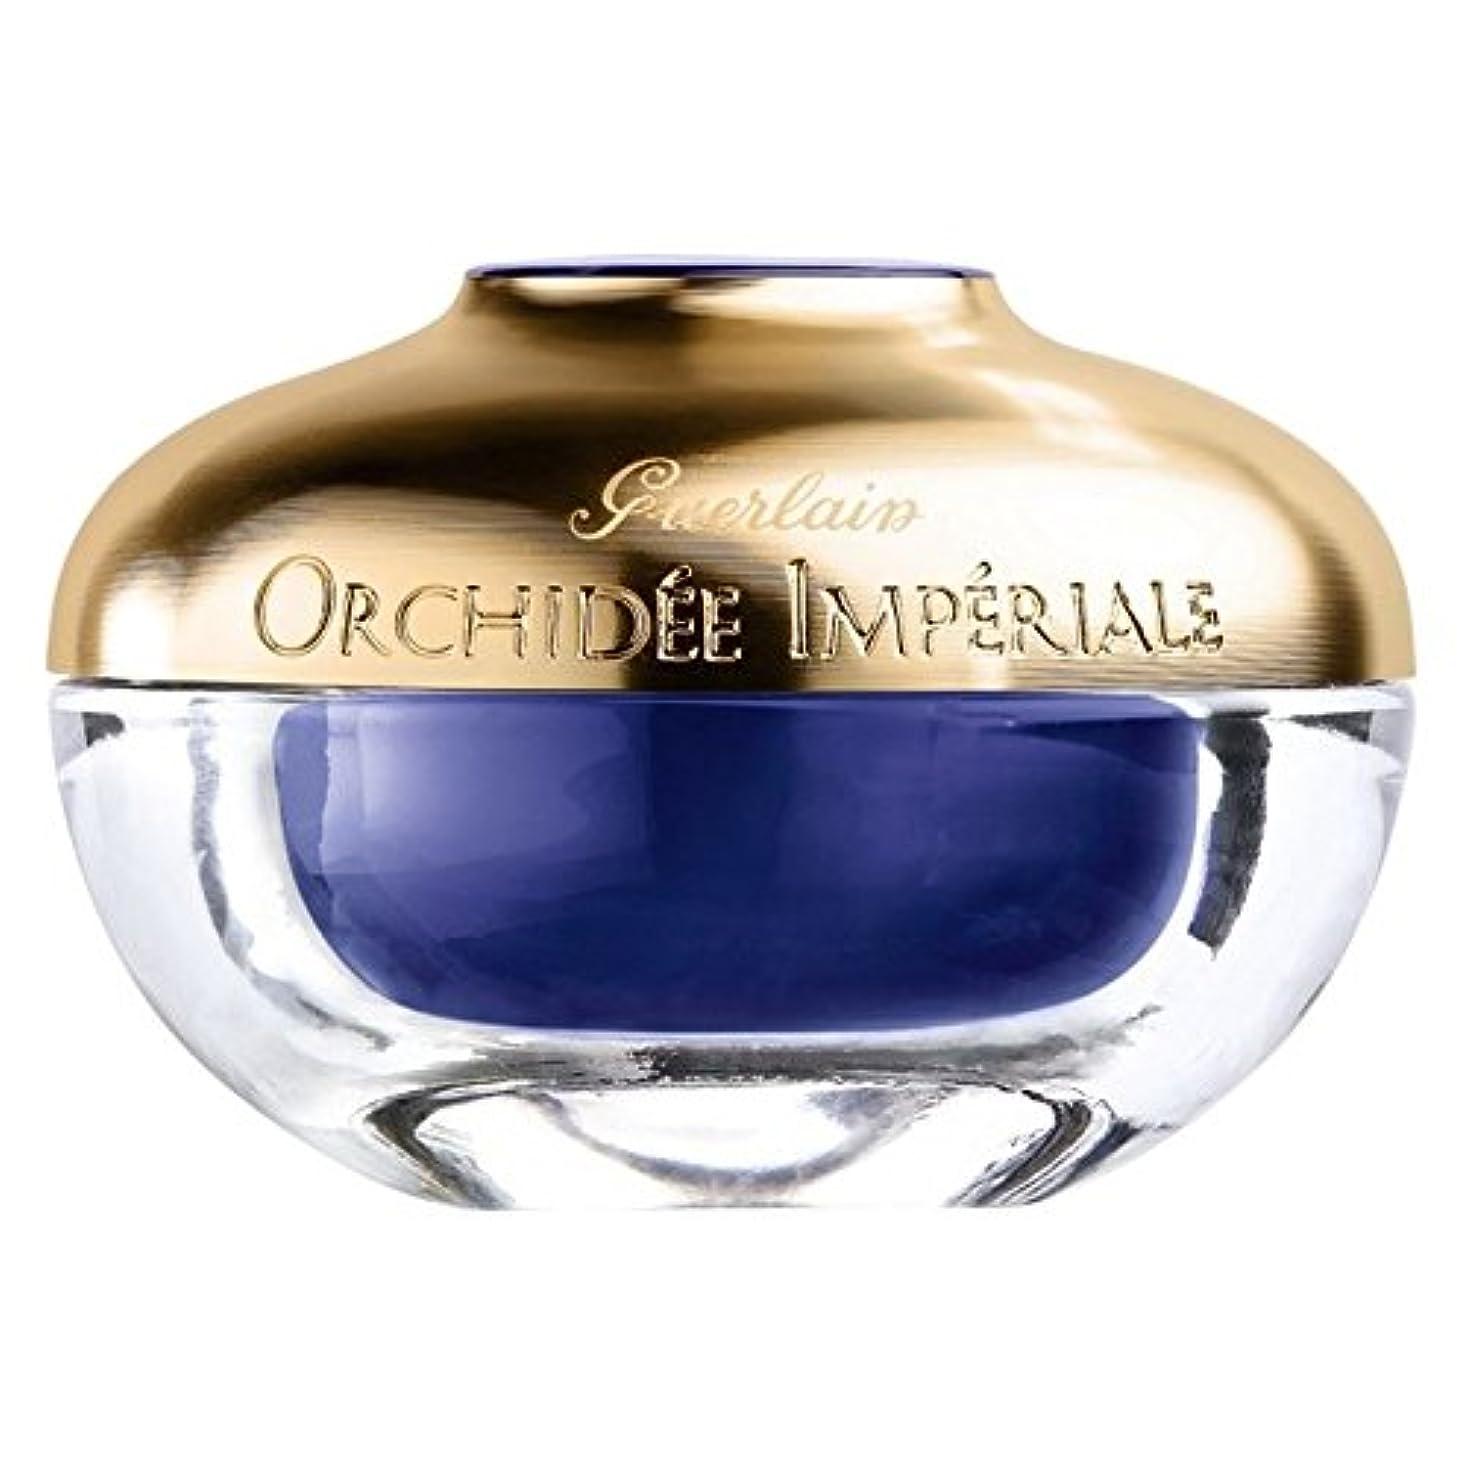 憲法蒸し器侵入[Guerlain] Orchid?eではのリアルエクセプショナルコンプリートケアクリーム、50ミリリットル - Orchid?e Imp?riale Exceptional Complete Care Cream, 50ml...